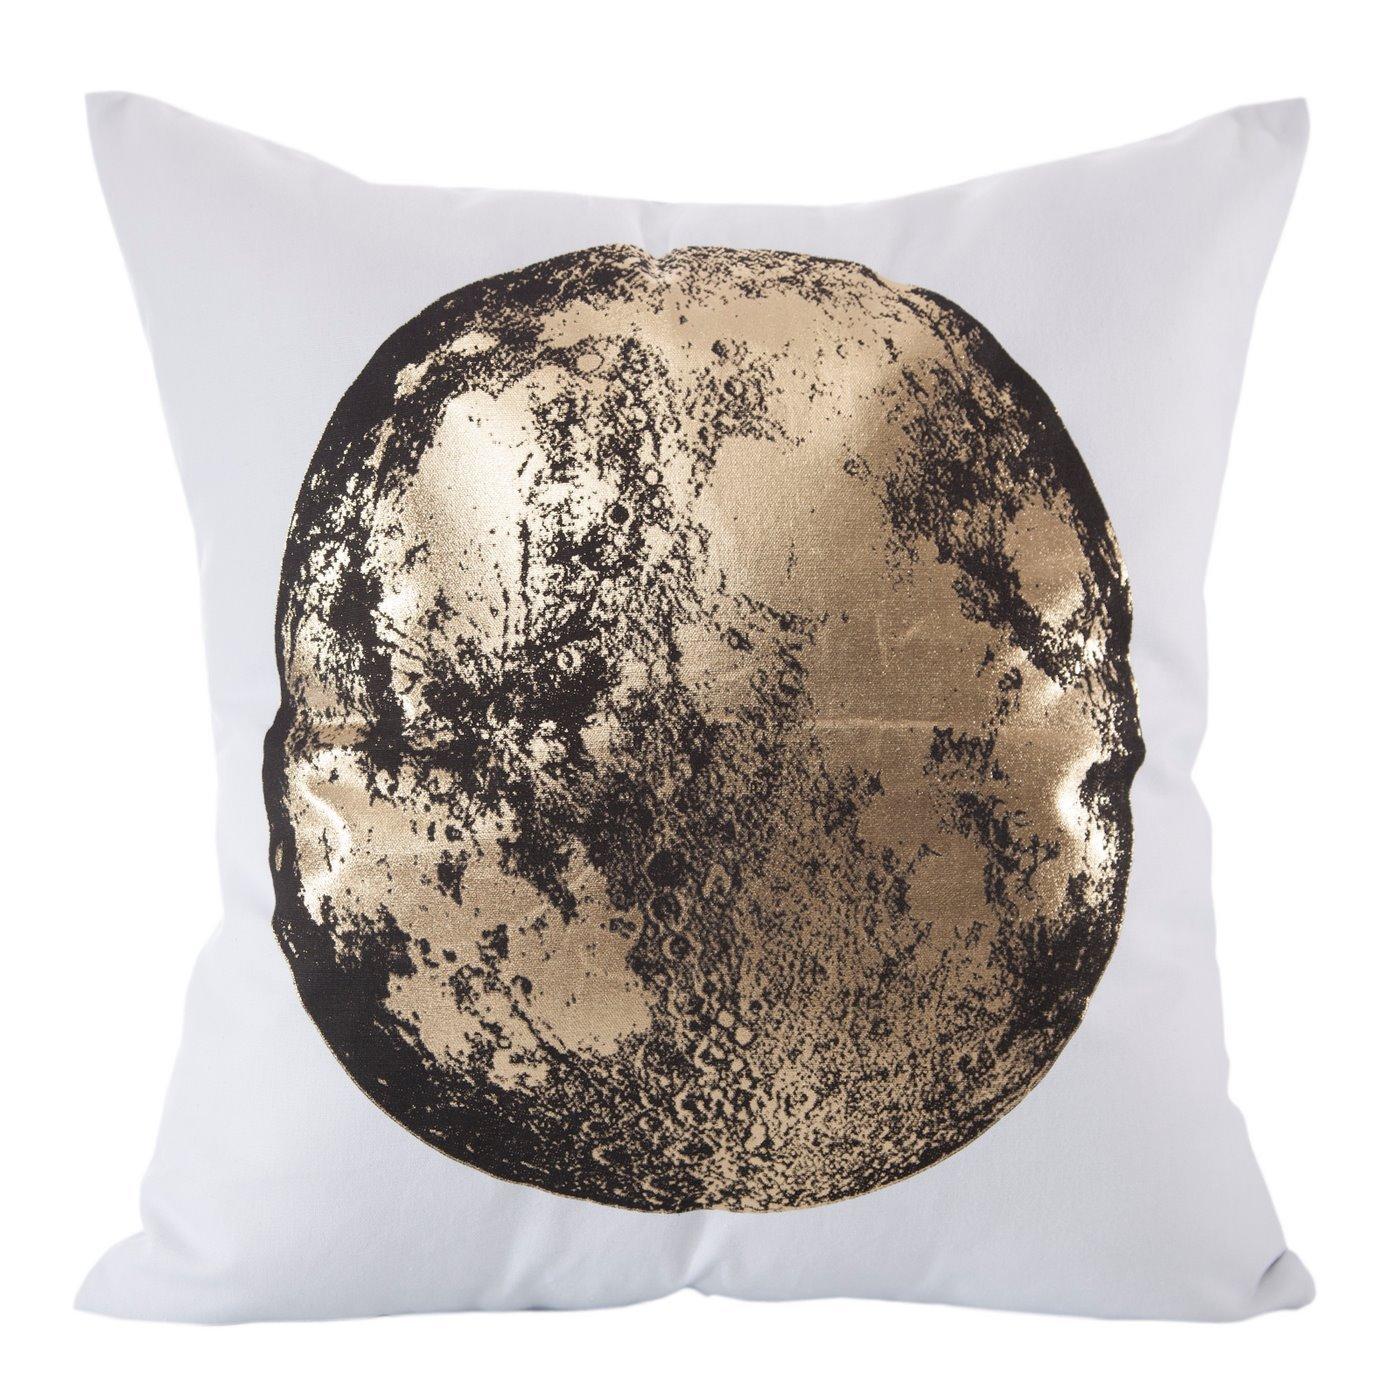 Poszewka czarno-złoty nadruk księżyc 45 x 45 cm